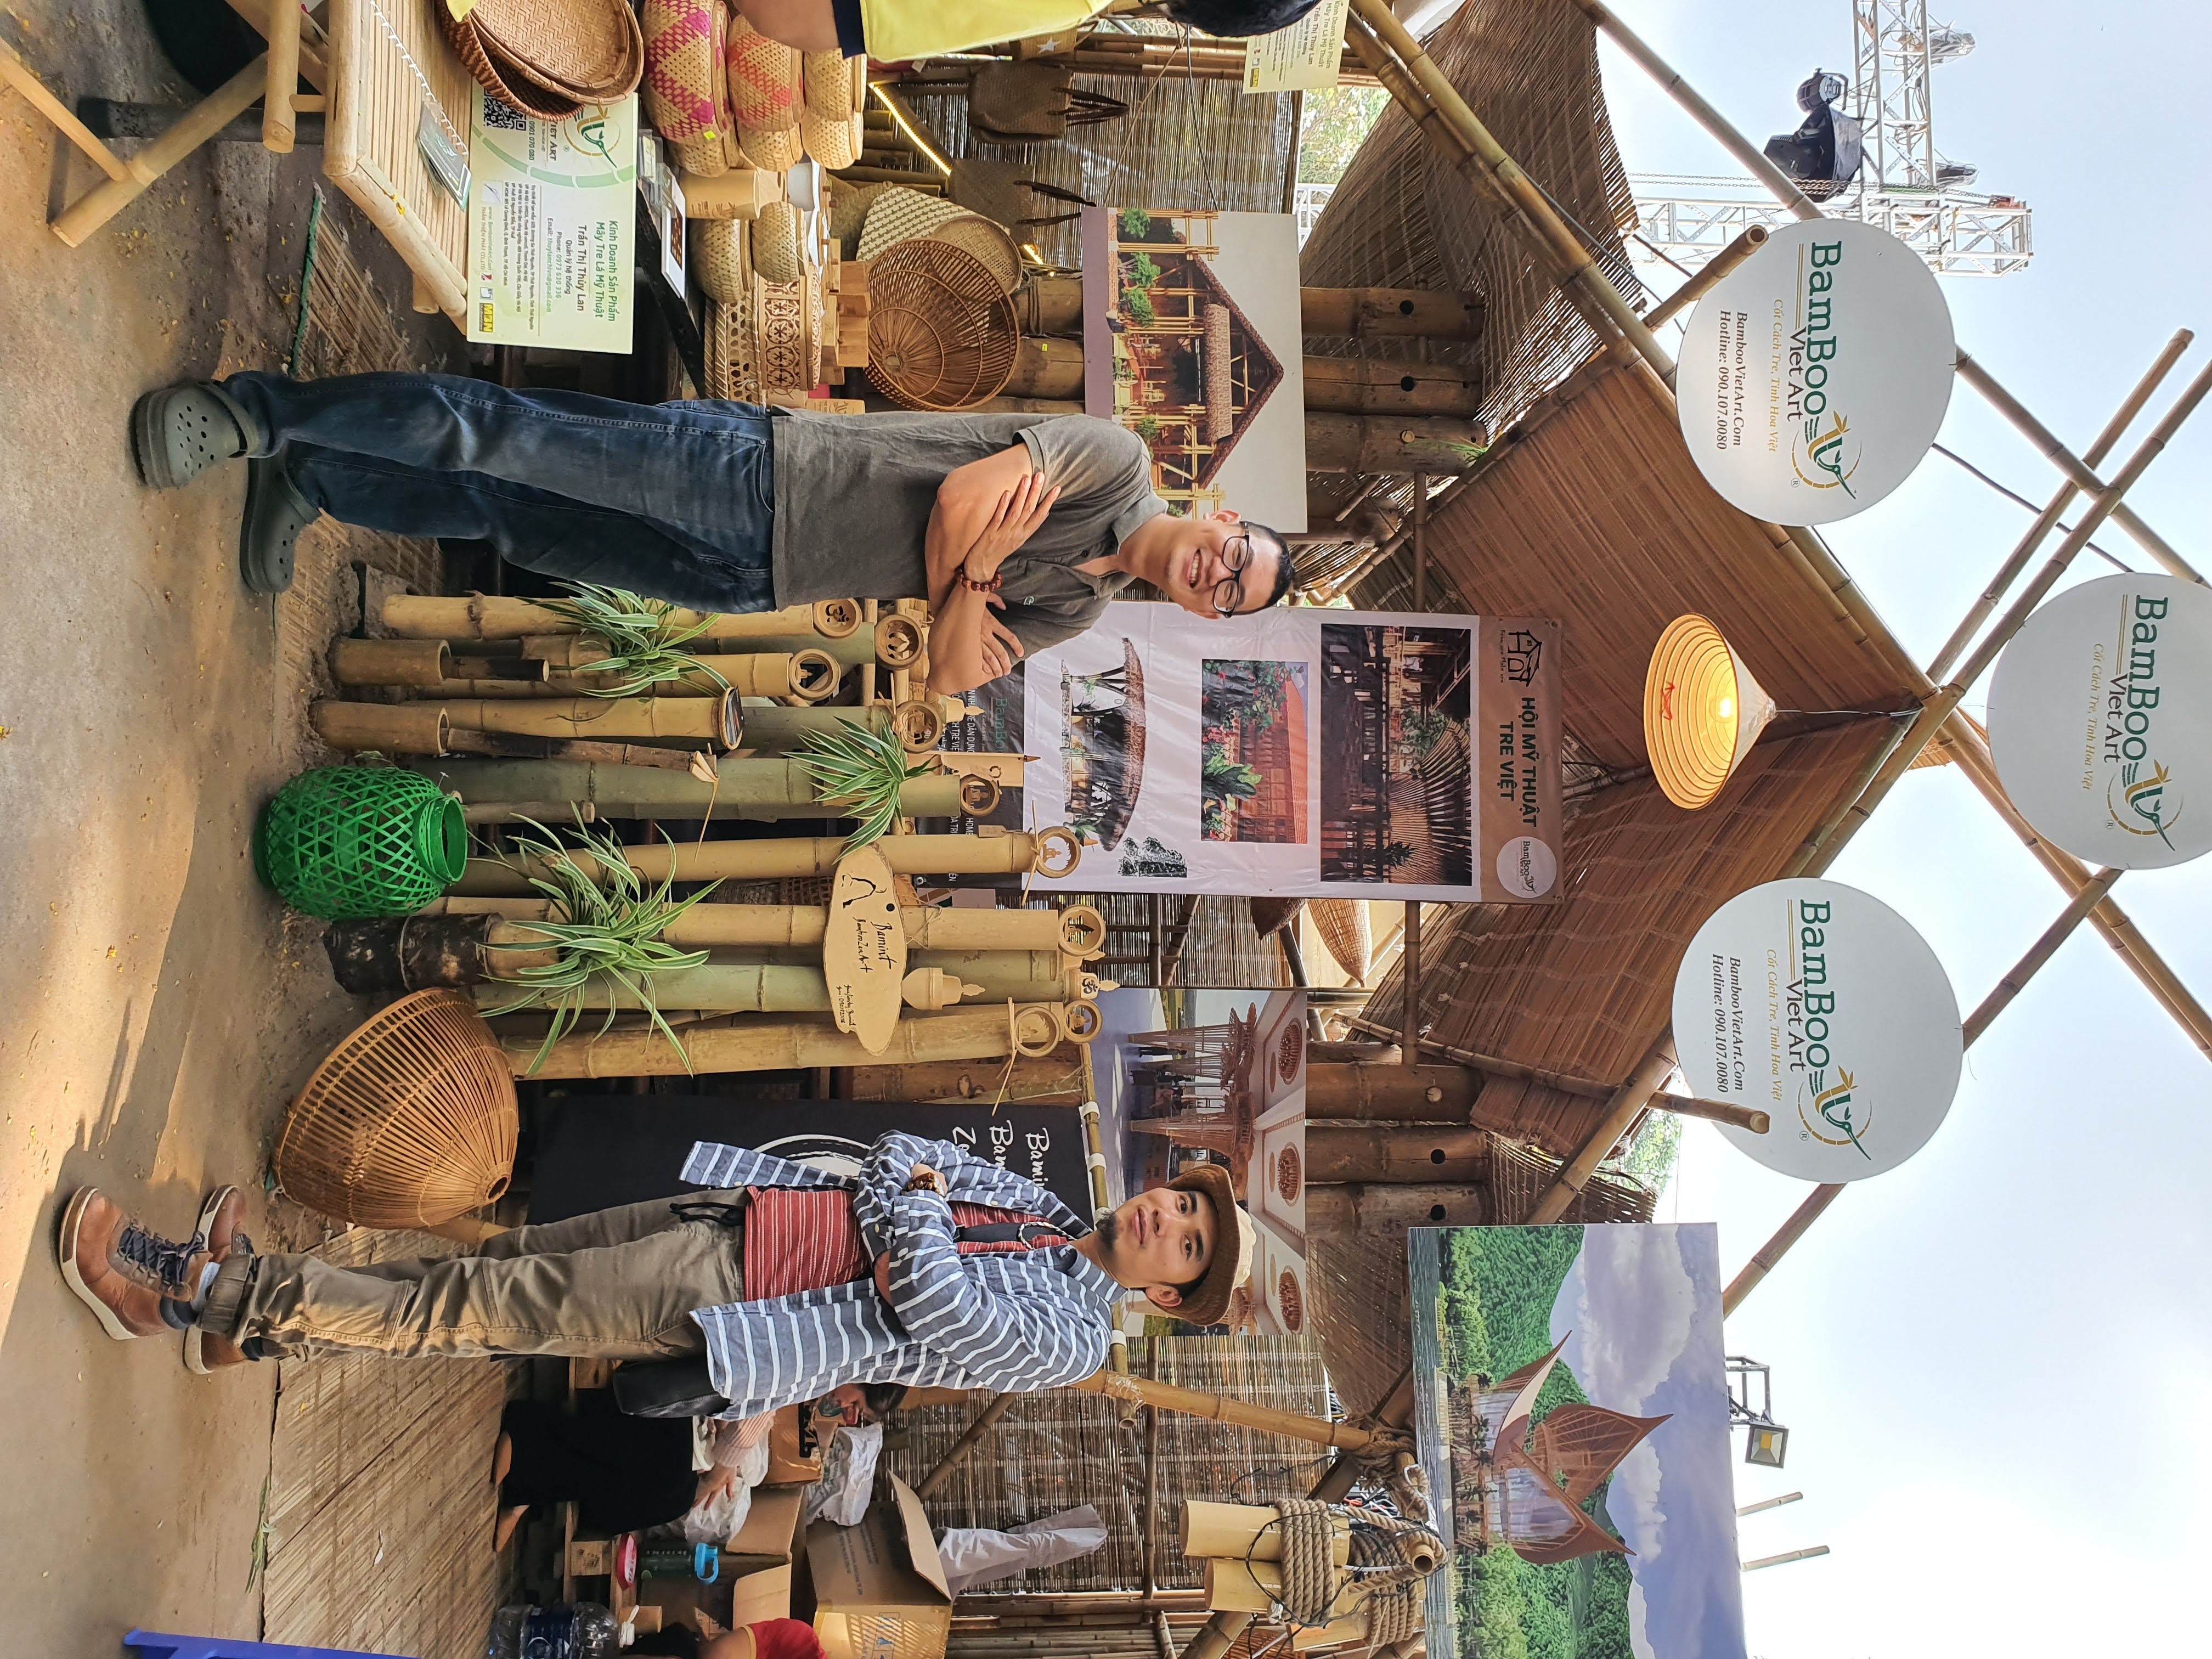 Gian hàng tre trúc - Thiết kế và thi công gian hàng tre trúc mái lá cho hội chợ sự kiện, lễ hội ẩm thực